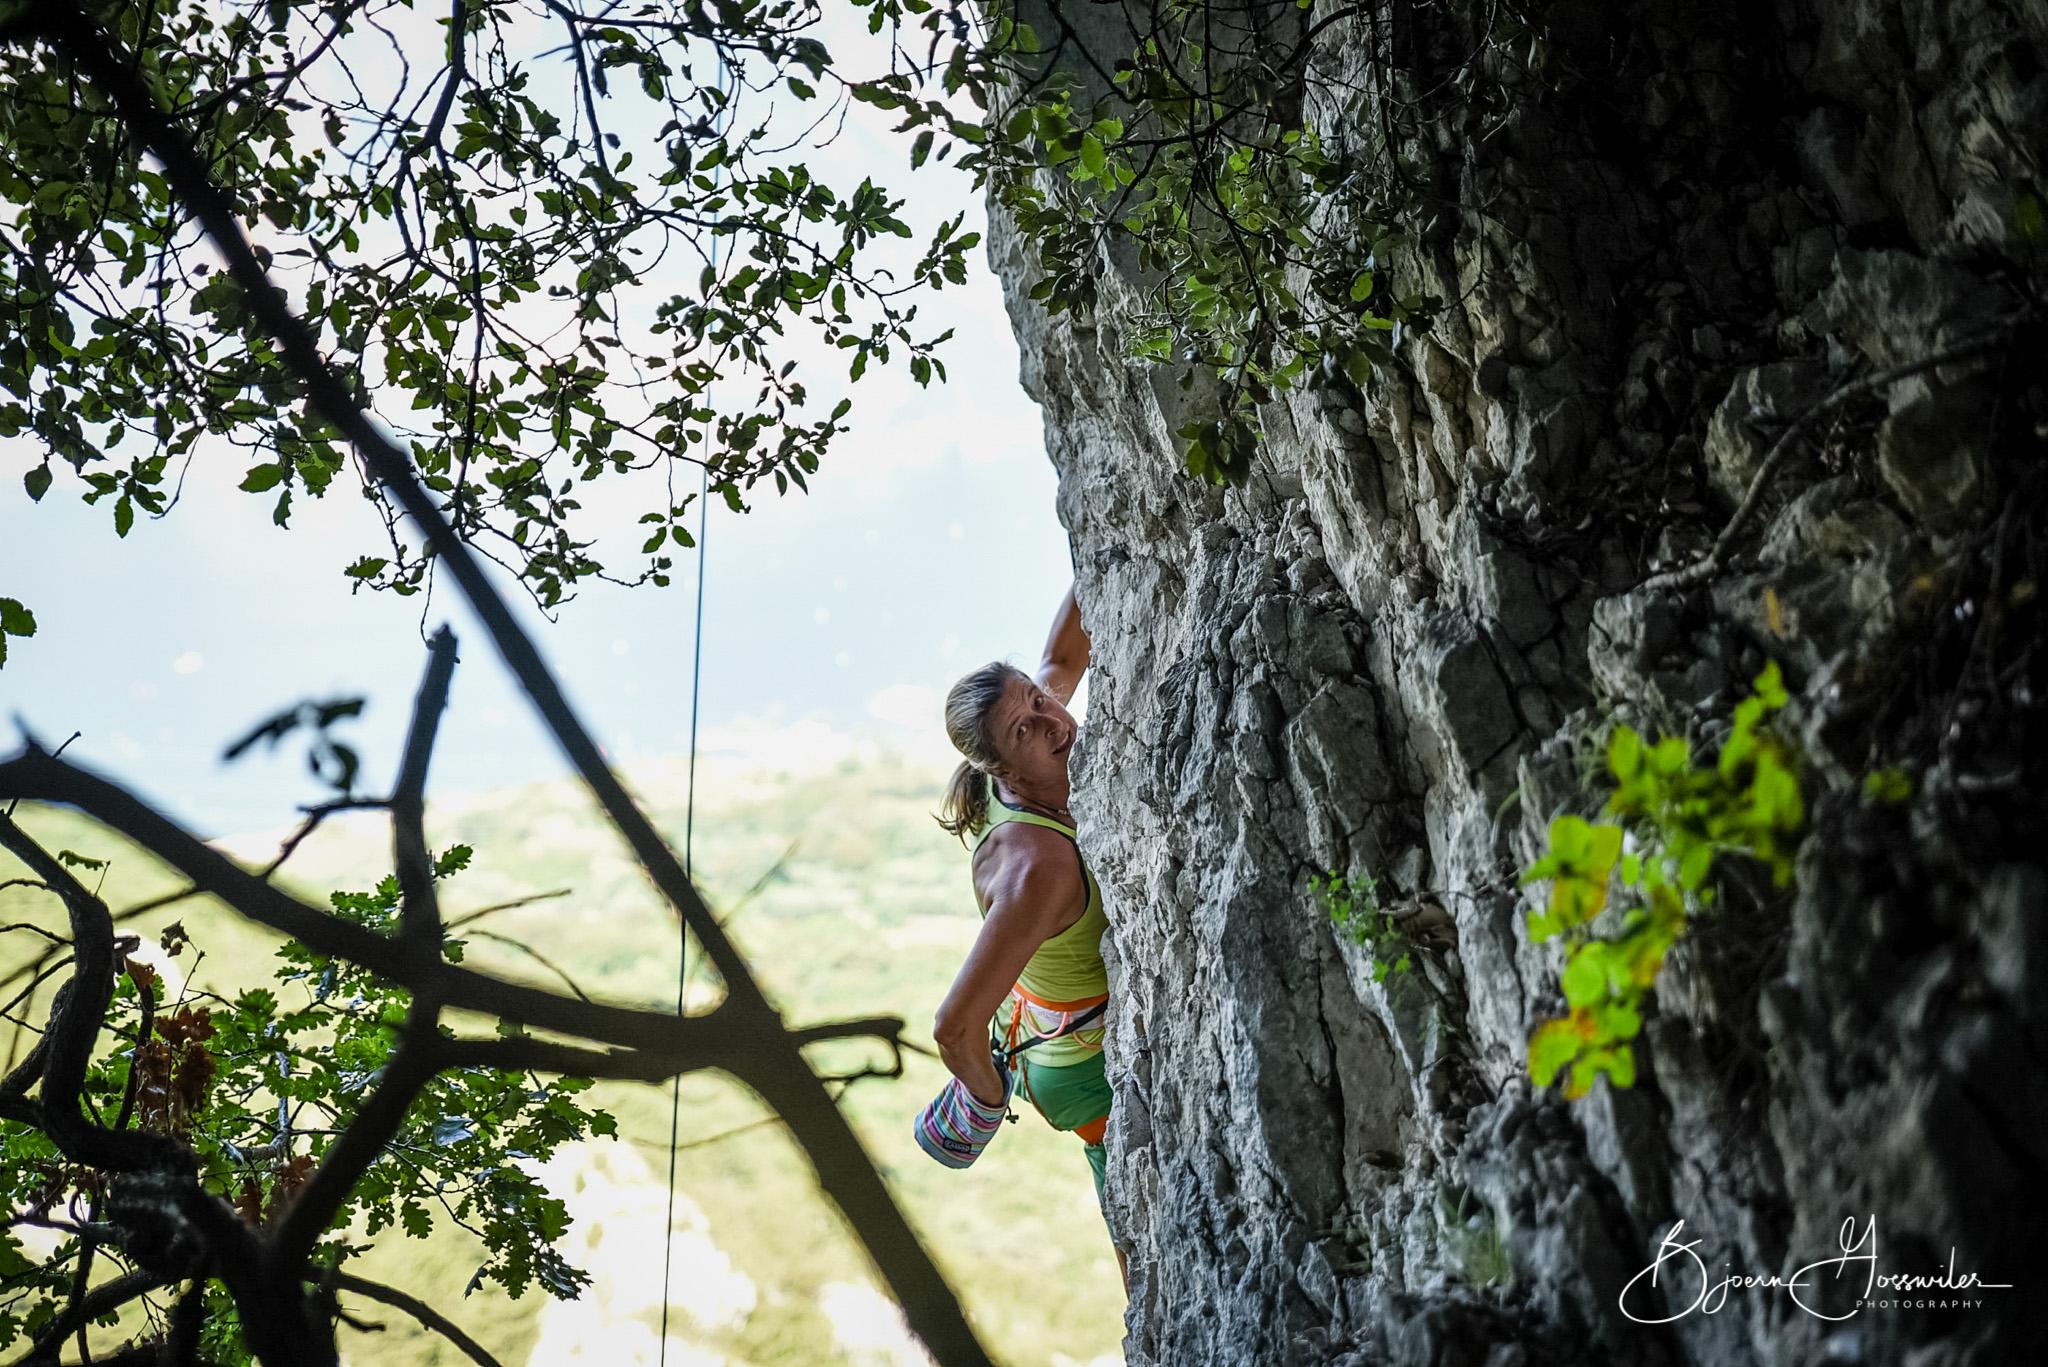 climbing-gardalake